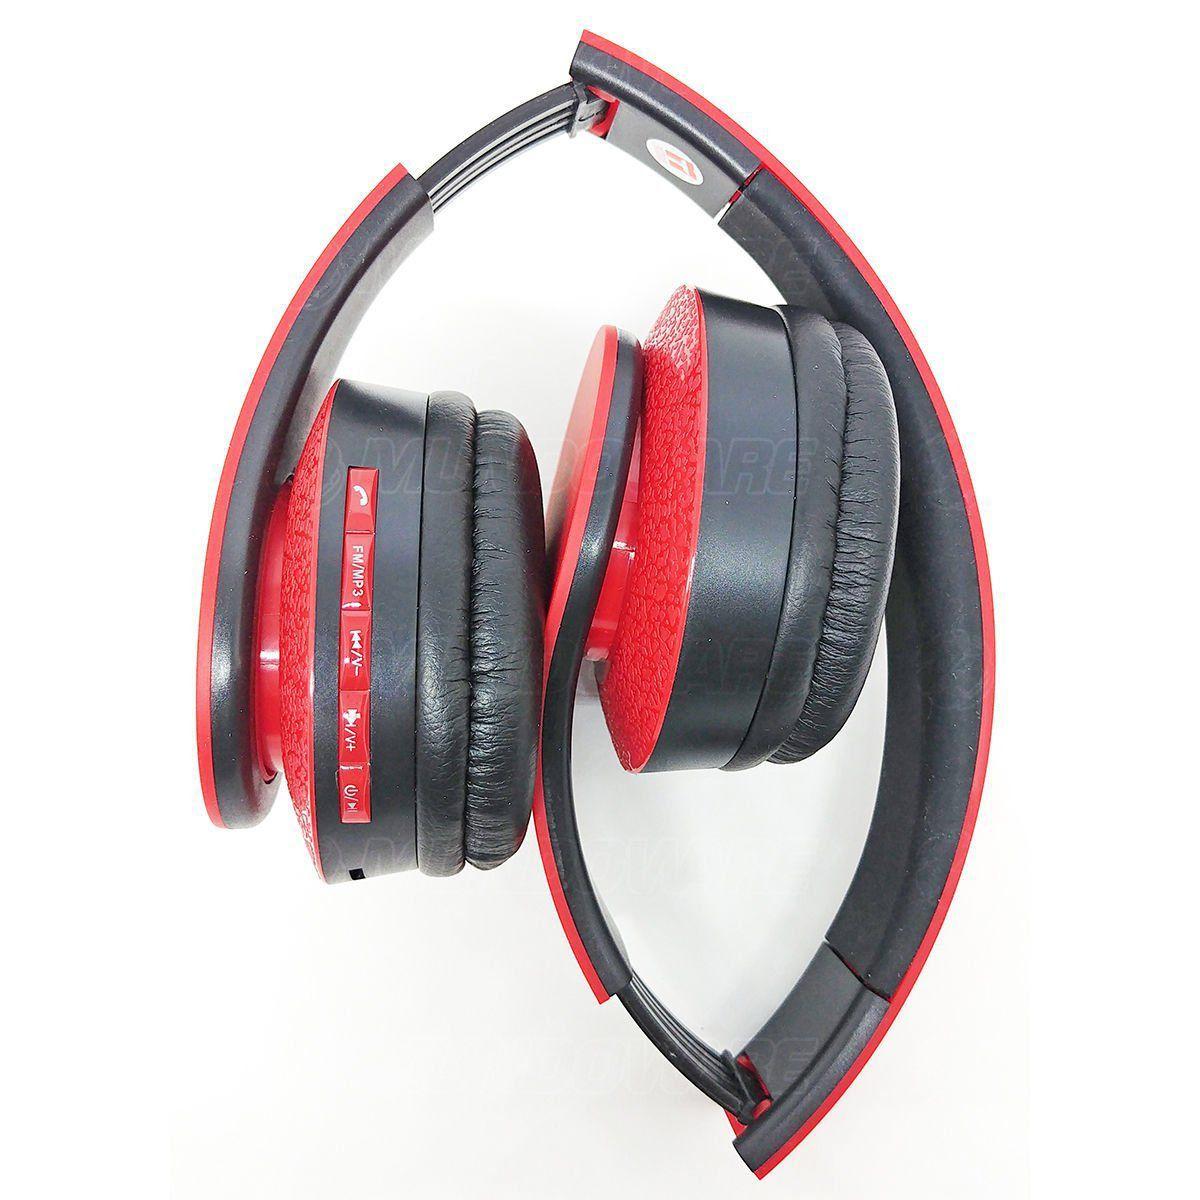 Headphone Bluetooth Dobrável com Rádio FM Cartão Micro SD Fone Sem Fio Estéreo Exbom HF-400BT Vermelho